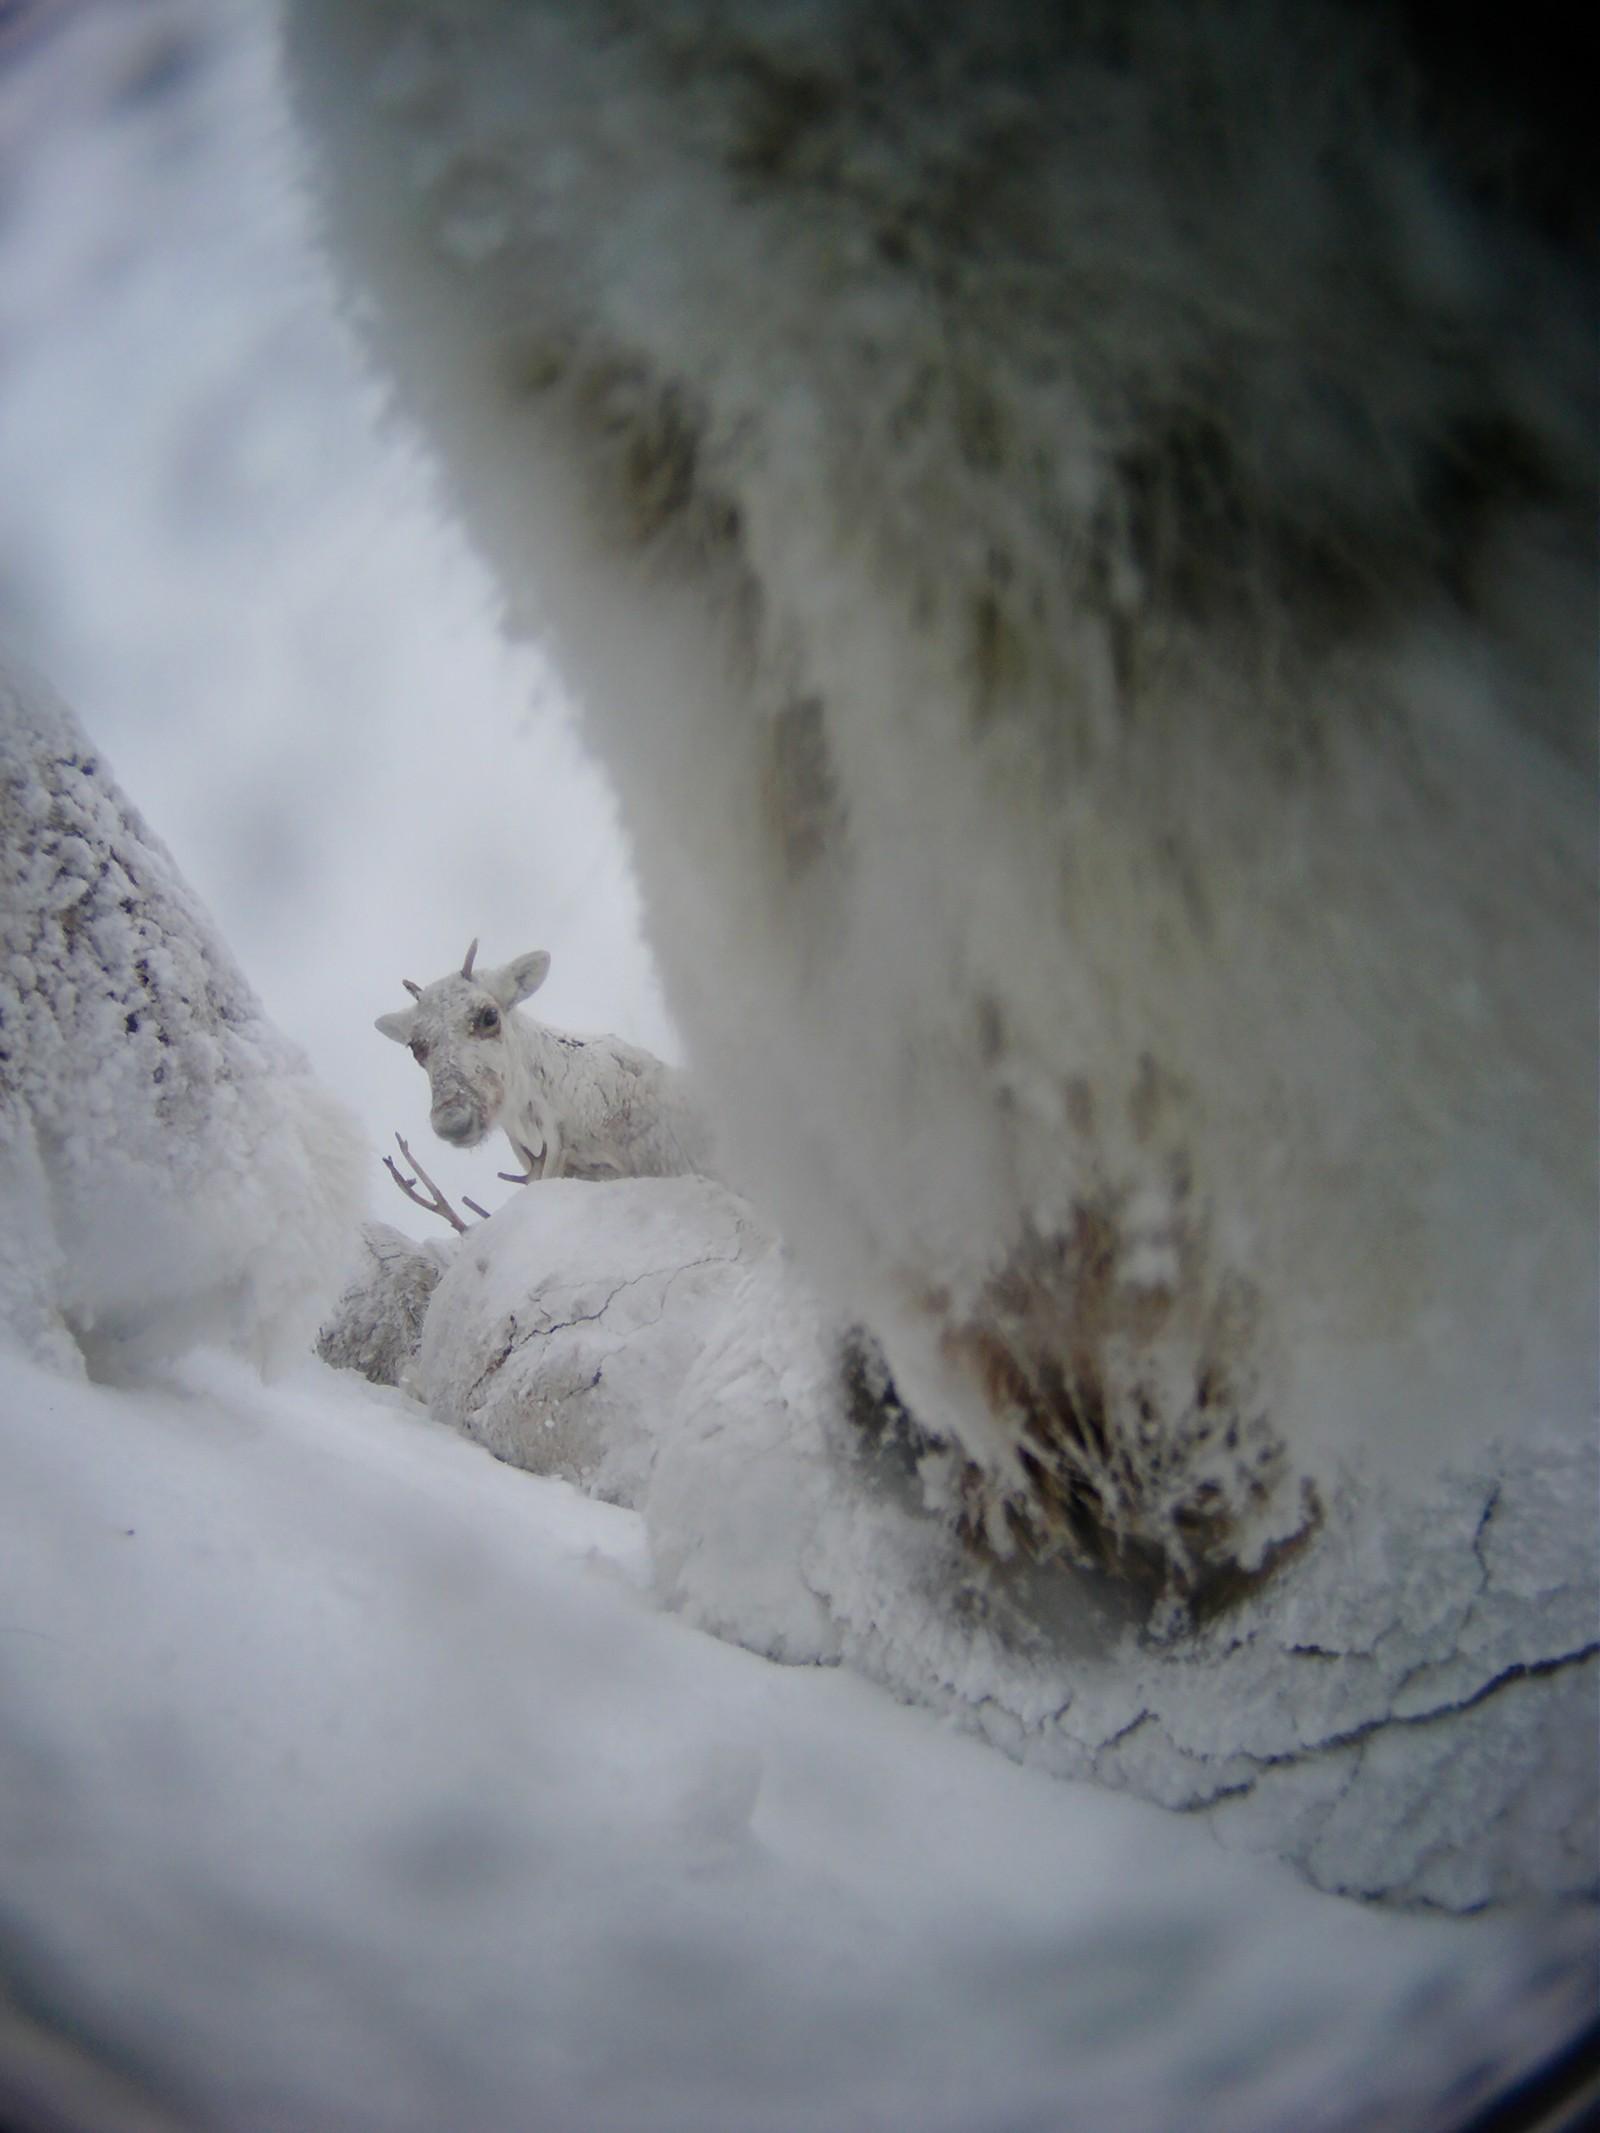 Et nedsnødd reinsdyr kikker opp fra skodde og snø - rett mot fotografen.